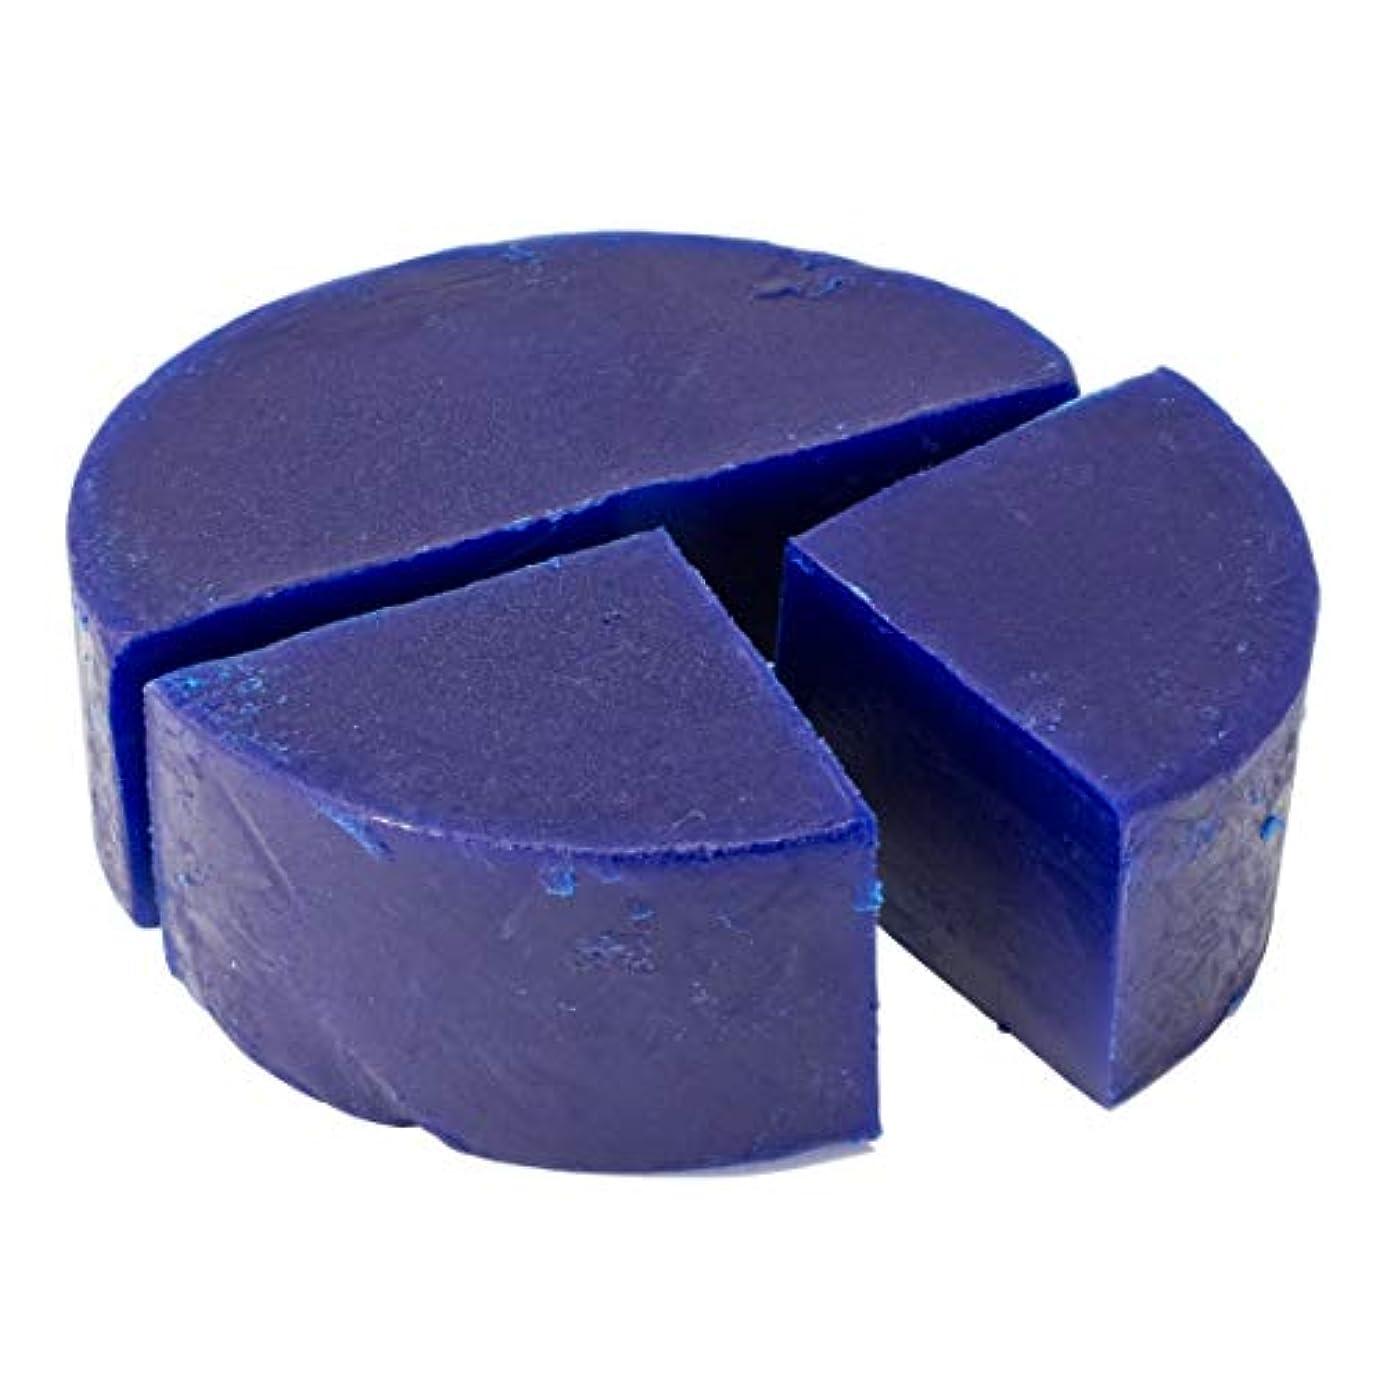 インフラナサニエル区リゾートグリセリン クリアソープ 色チップ 青 100g (MPソープ)